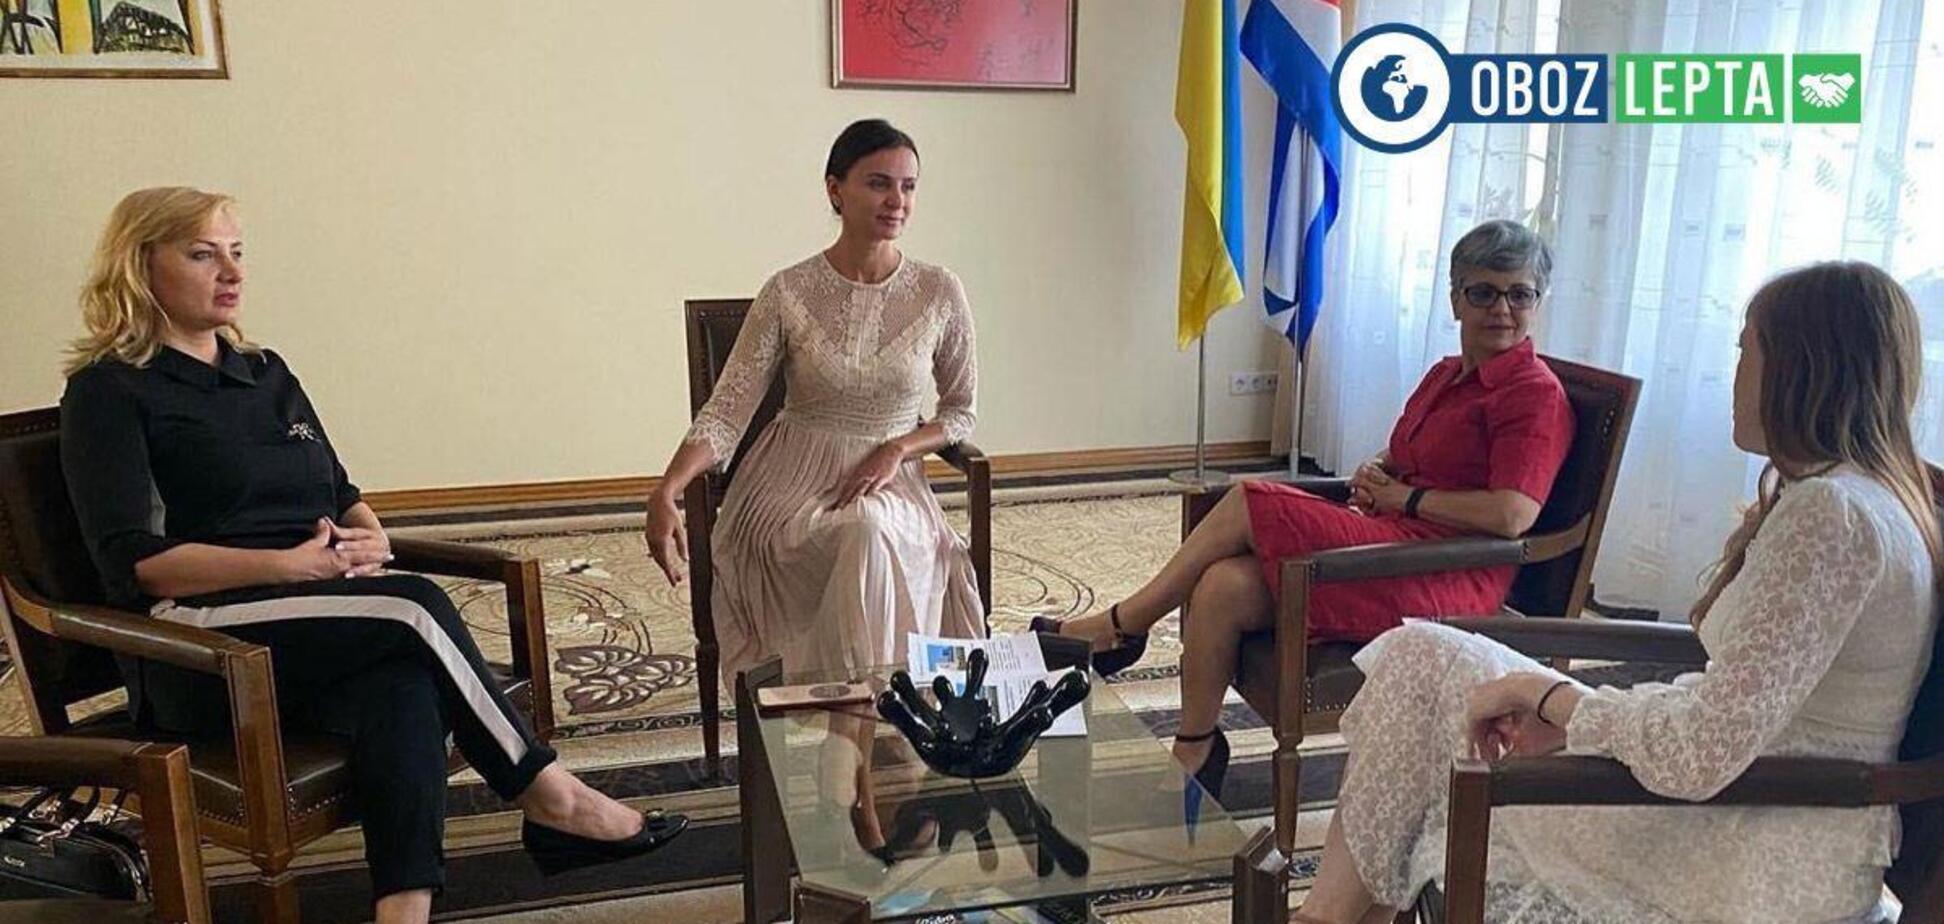 Женские организации поддержали проект Lepta